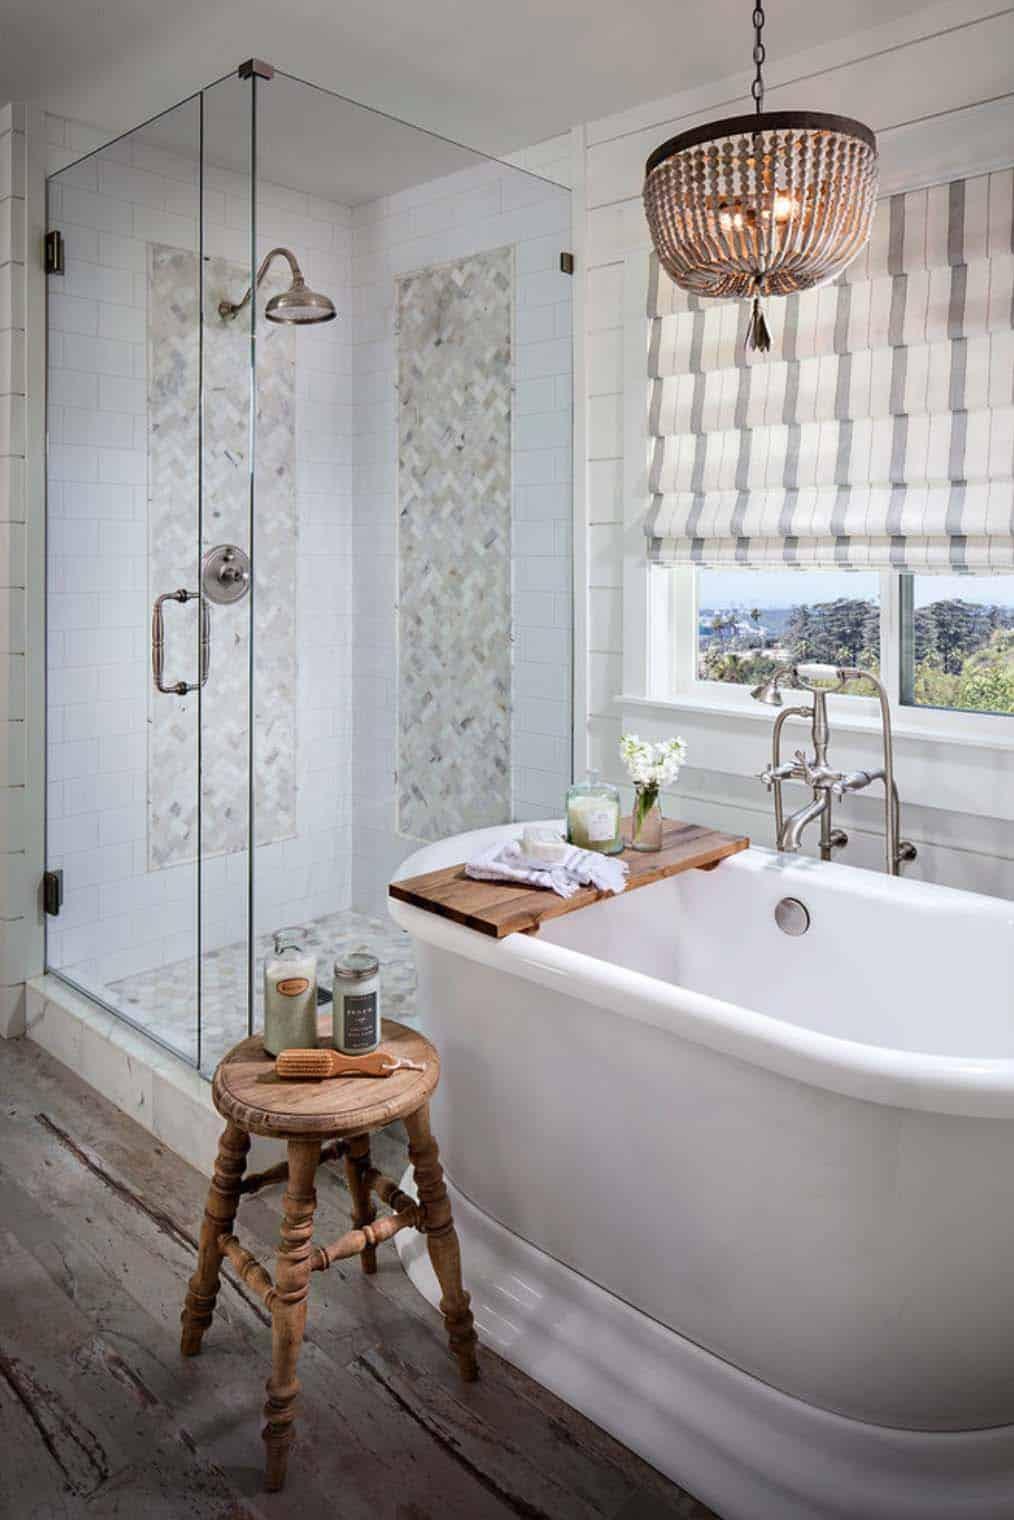 21 Gorgeous farmhouse style bathrooms you will love on Farmhouse Tile Bathroom Floor  id=36769